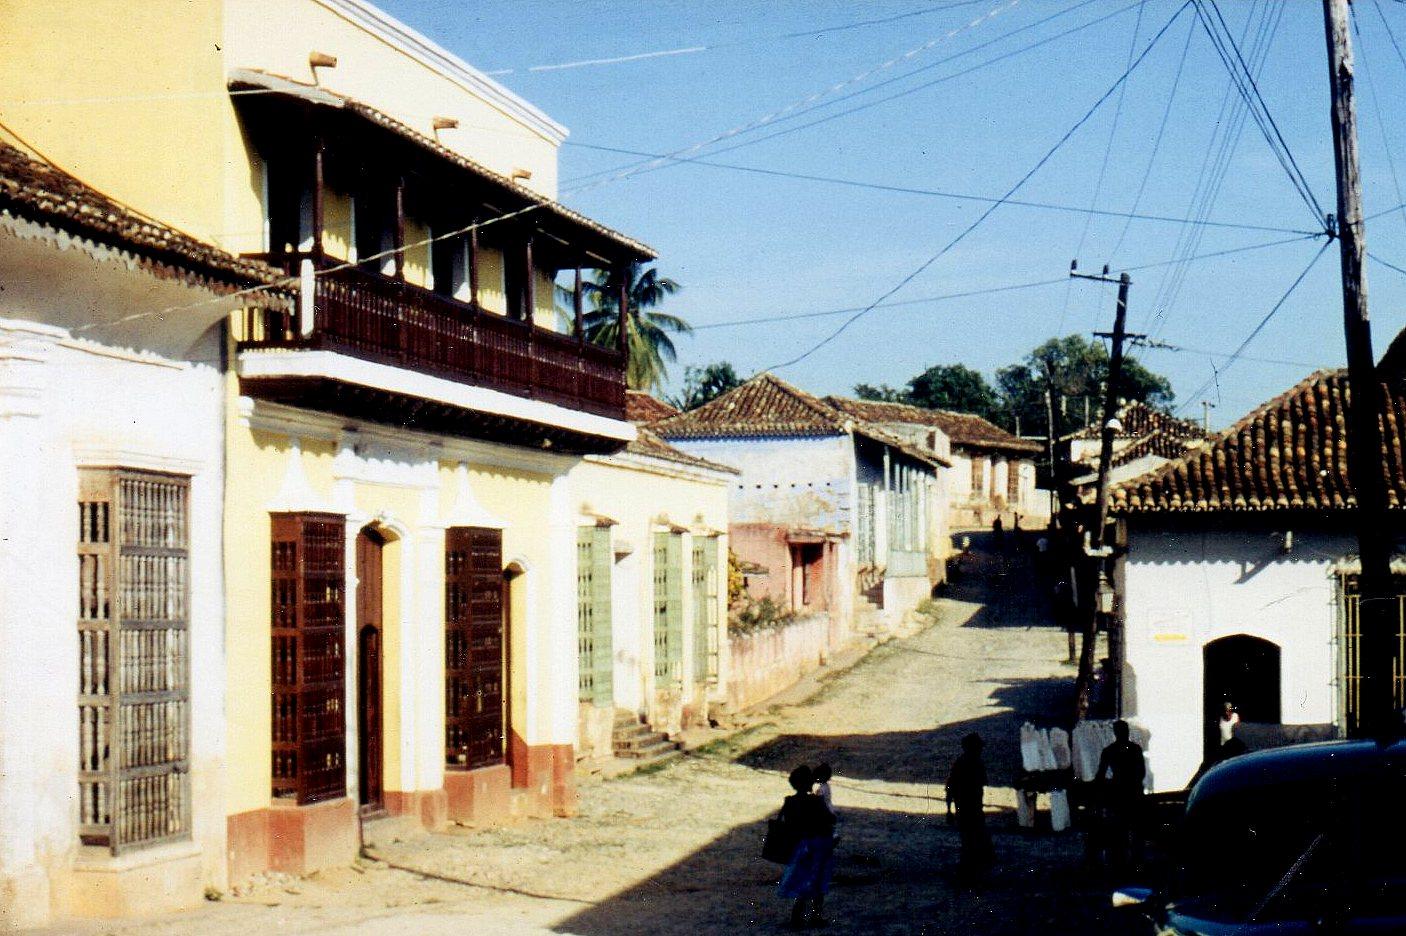 I Trinidad, 69 000 indbyggere på det centrale Cubas sydkyst havde mange huse stor vinduer fra gud til loft uden glas, men med gitre foran. Oprindeligt mod pirater, men nu som generel sikring mod ubudne gæster.